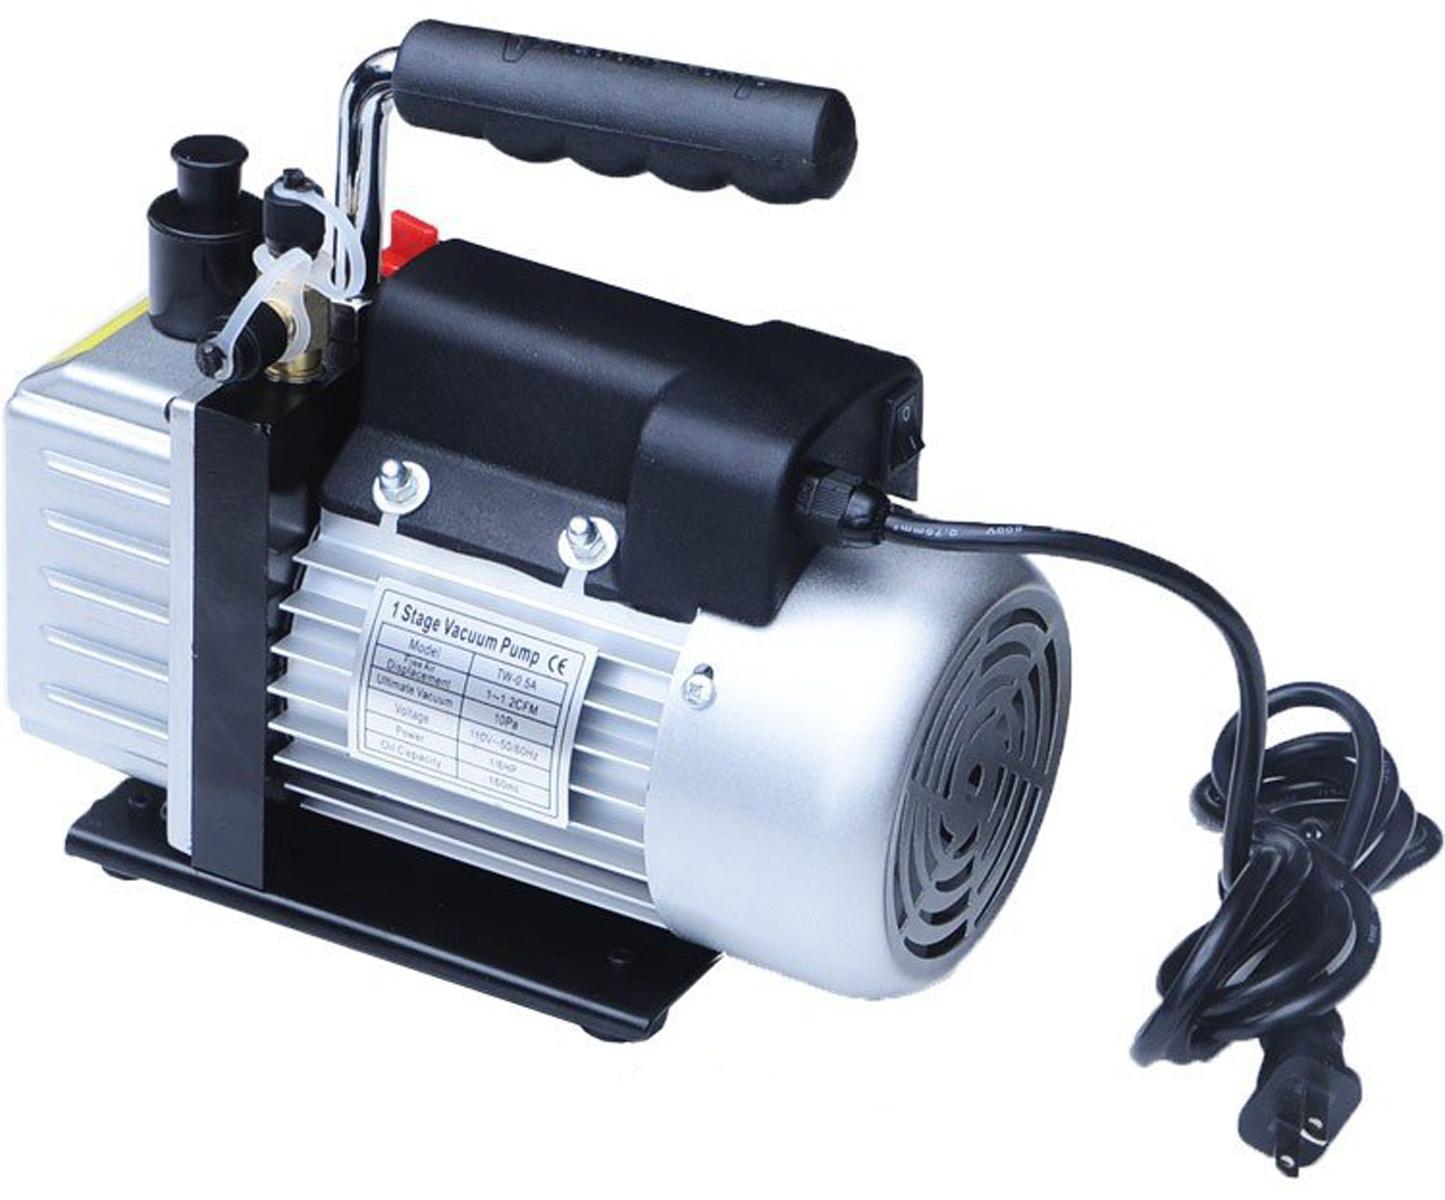 電動真空ポンプ 小型 シングルステージ 家庭用エアコン、 カーエアコン メンテに大活躍[真空 ポンプ 電動 車 カーエアコン ルームエアコン ガス 充填 修理] 送料無料 A68N10